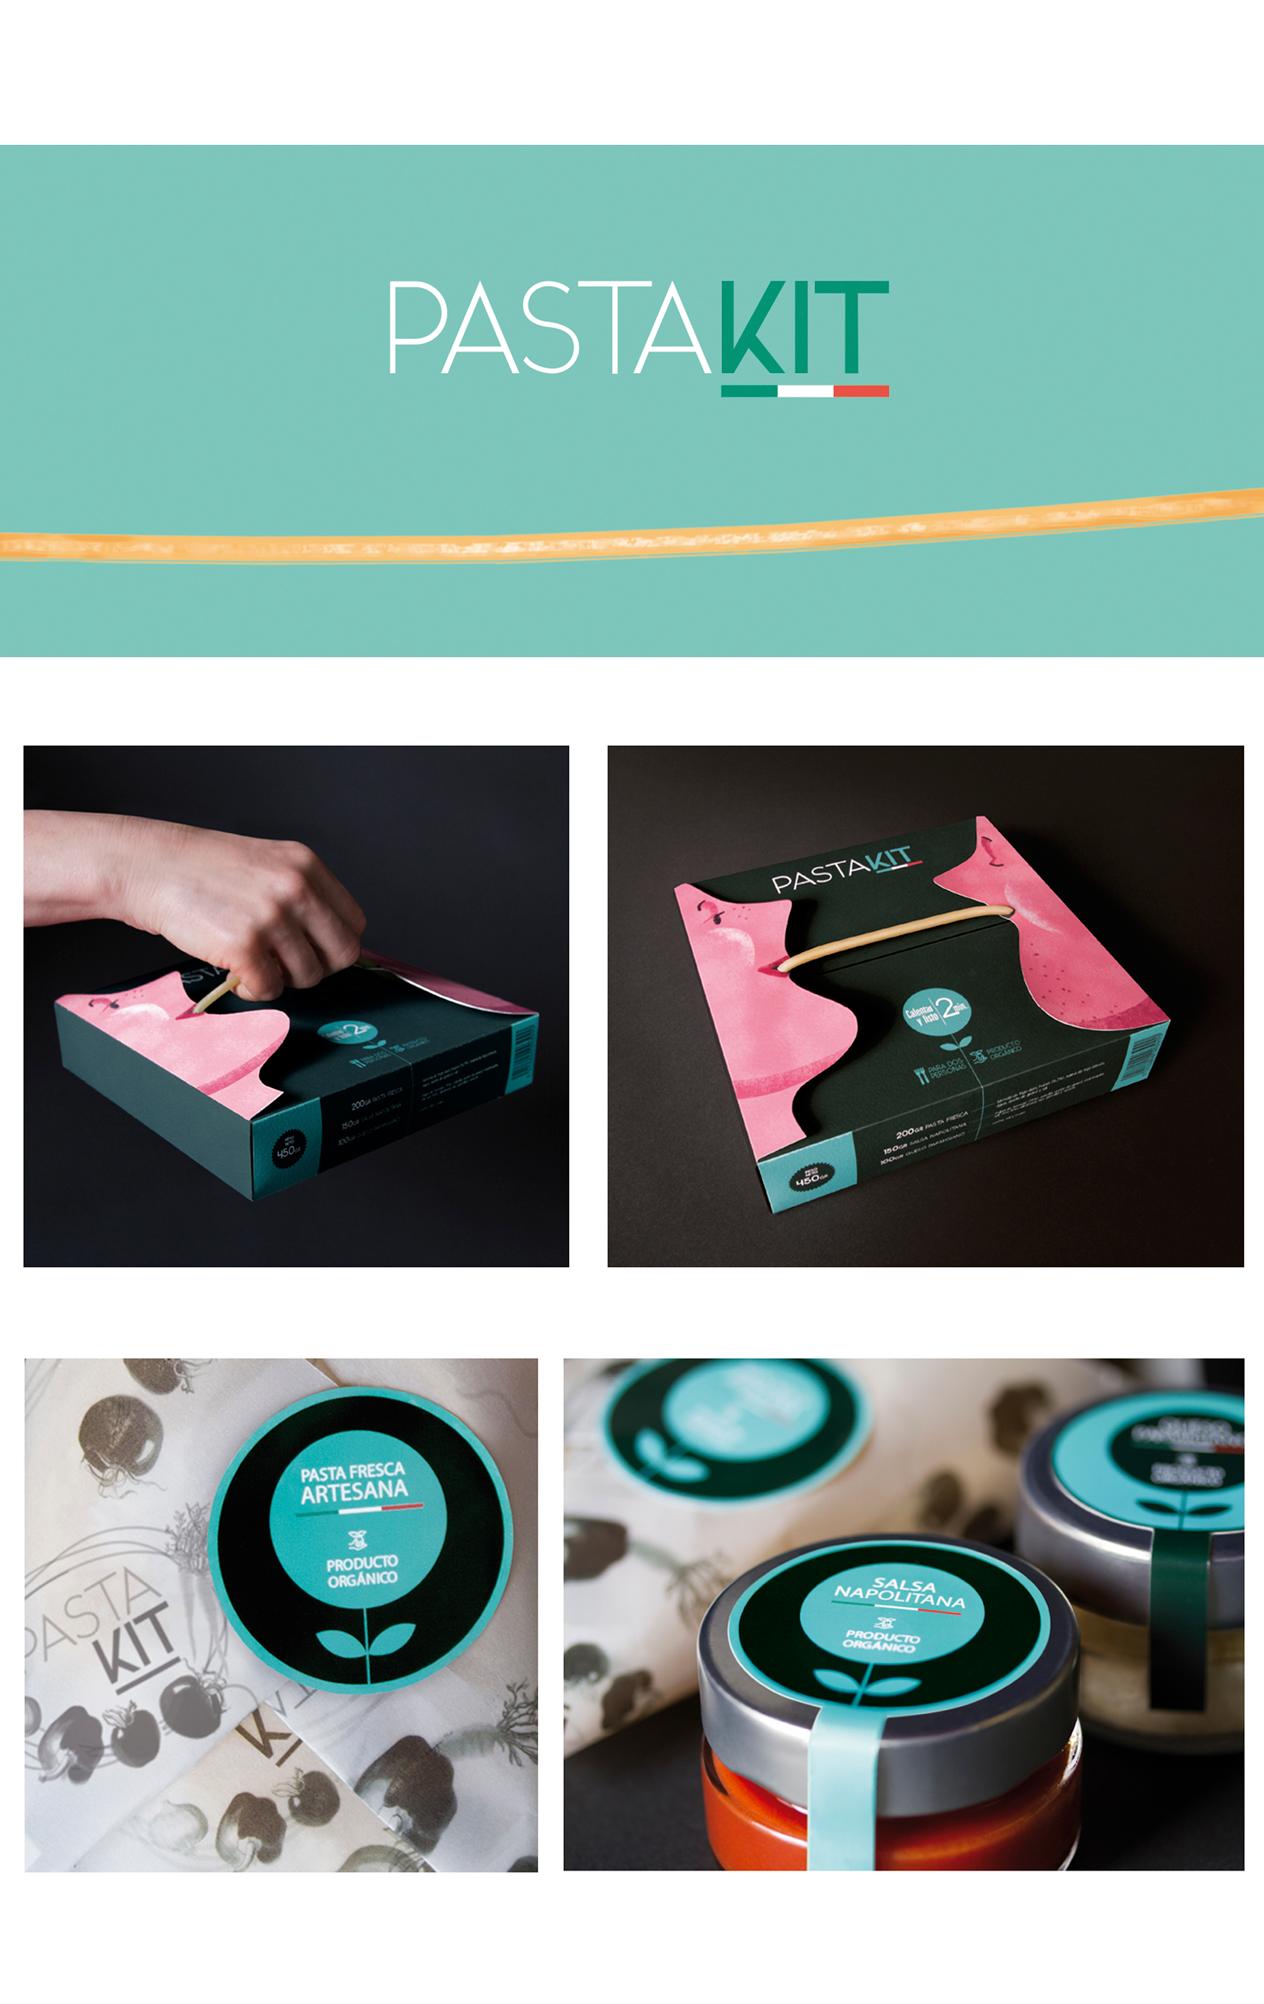 Packaging Pasta Kit